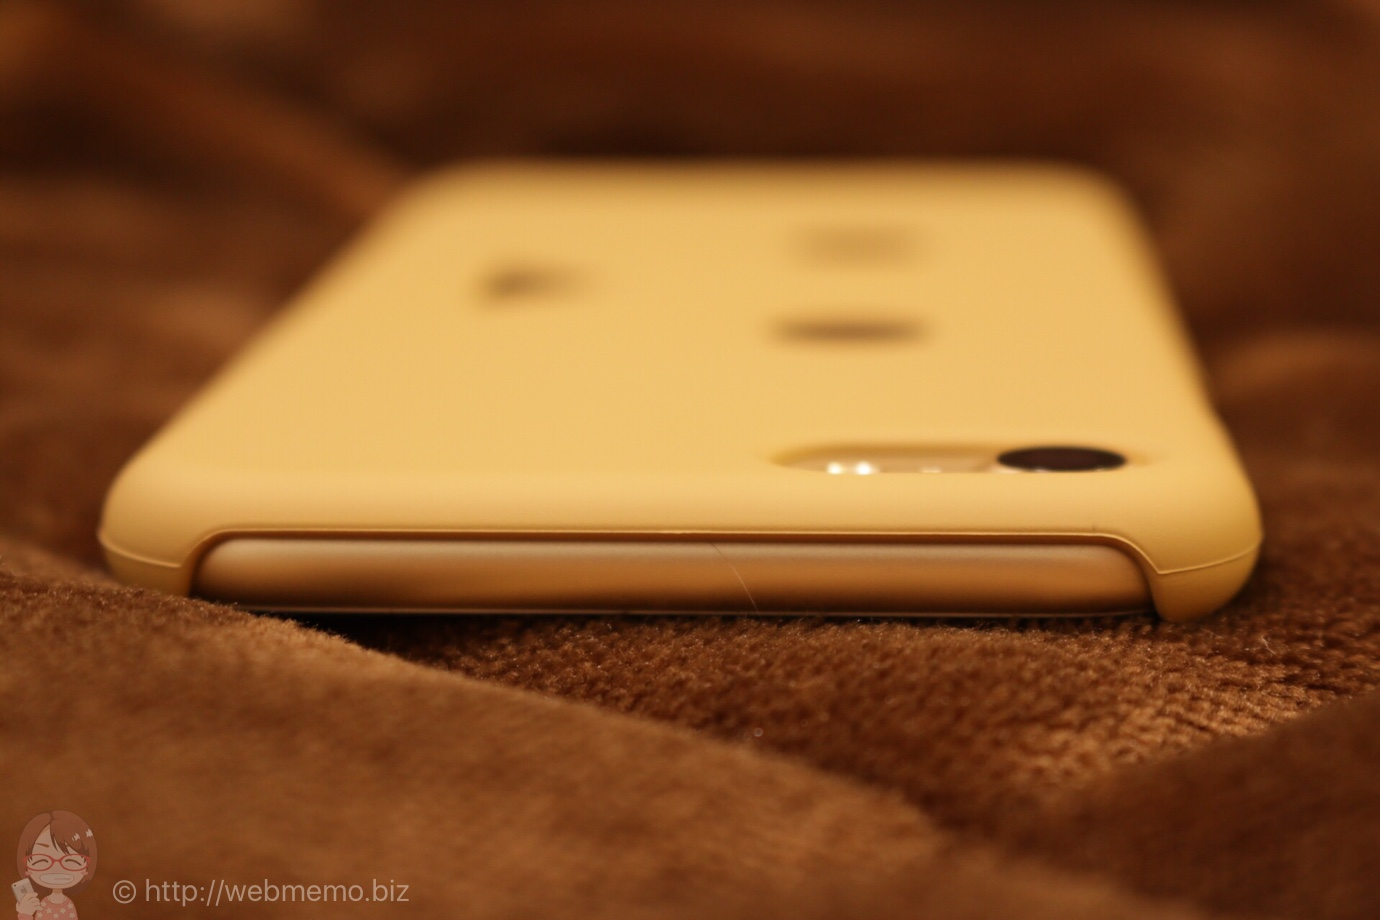 iPhoneを持ったときの上部